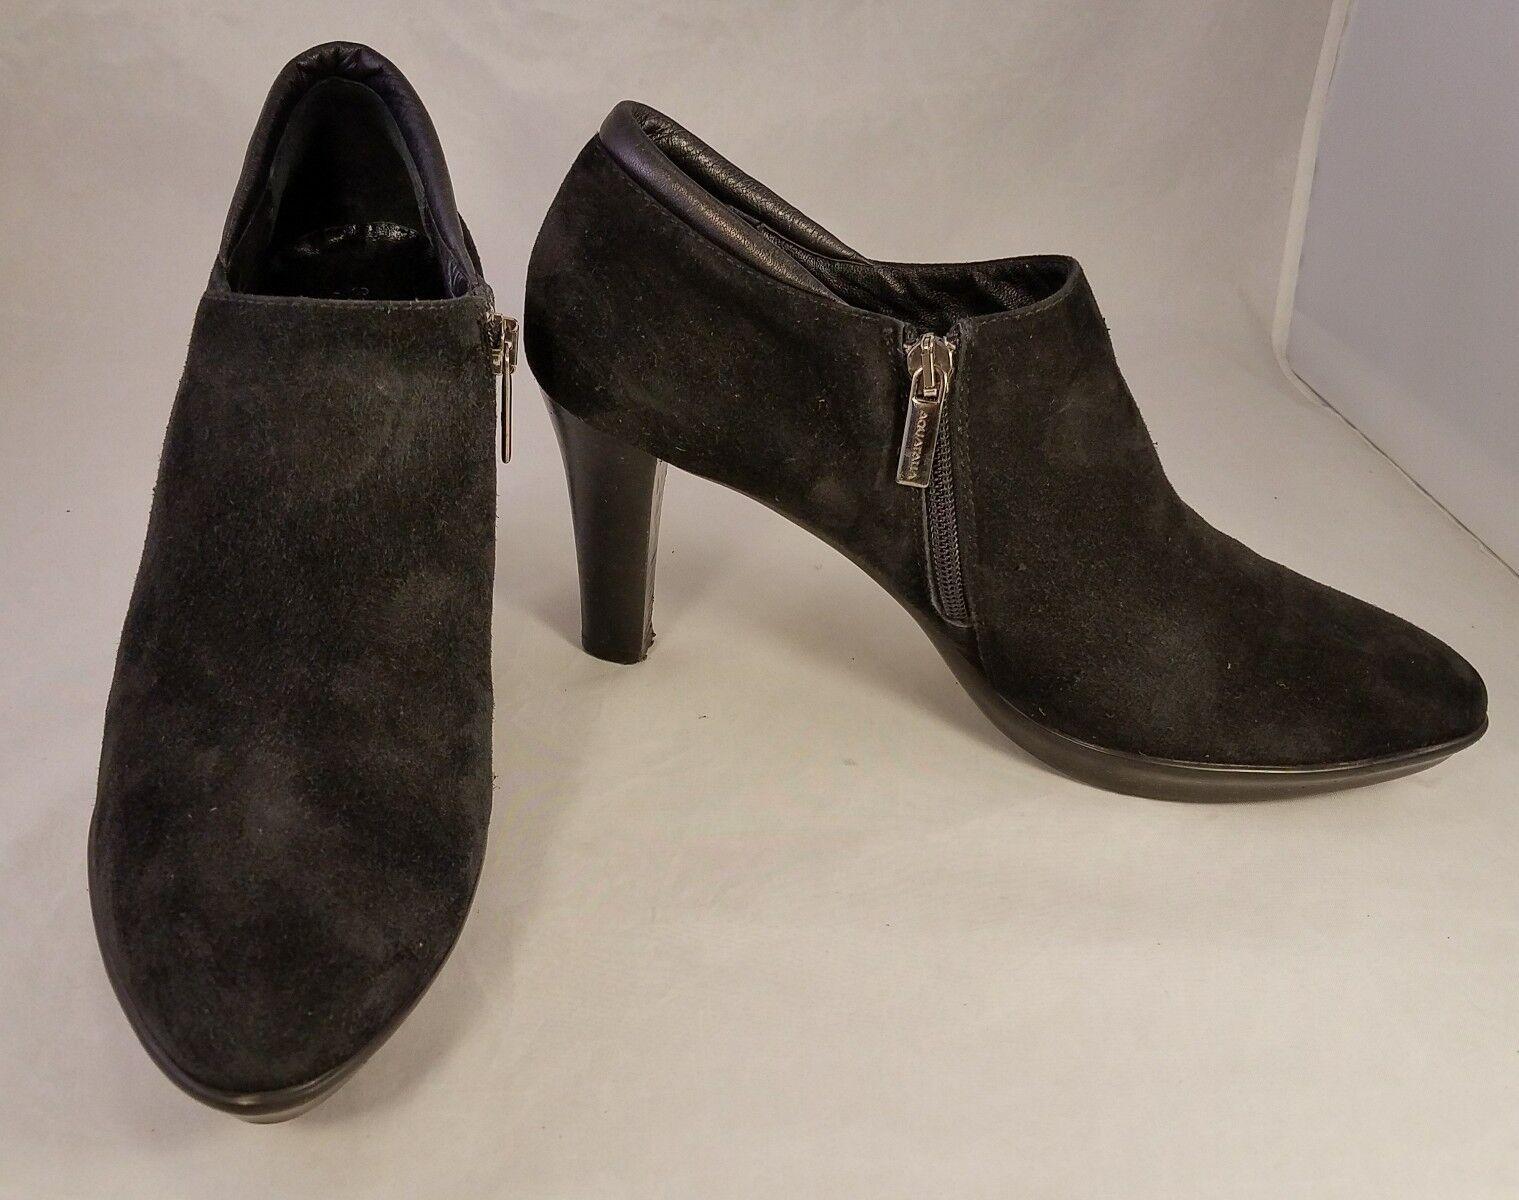 AQUATALIA AQUATALIA AQUATALIA MARVIN K WOMAN ANKLE Stiefel SUEDE schwarz SIDE ZIPPER USA Größe 9.5 ITALY 5821e5